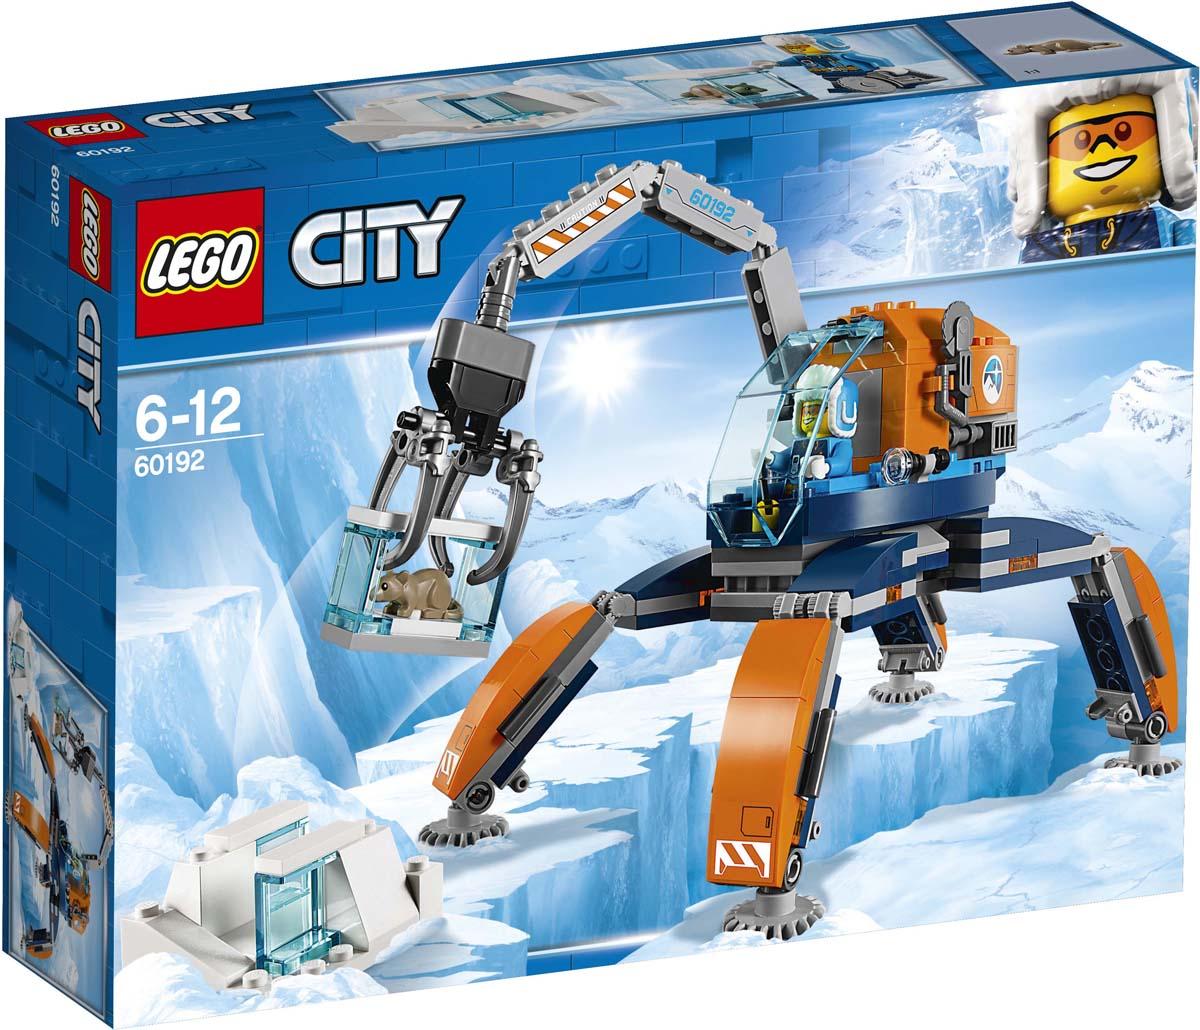 LEGO City Arctic Expedition 60192 Арктический вездеход Конструктор lego city 60192 лего сити арктический вездеход